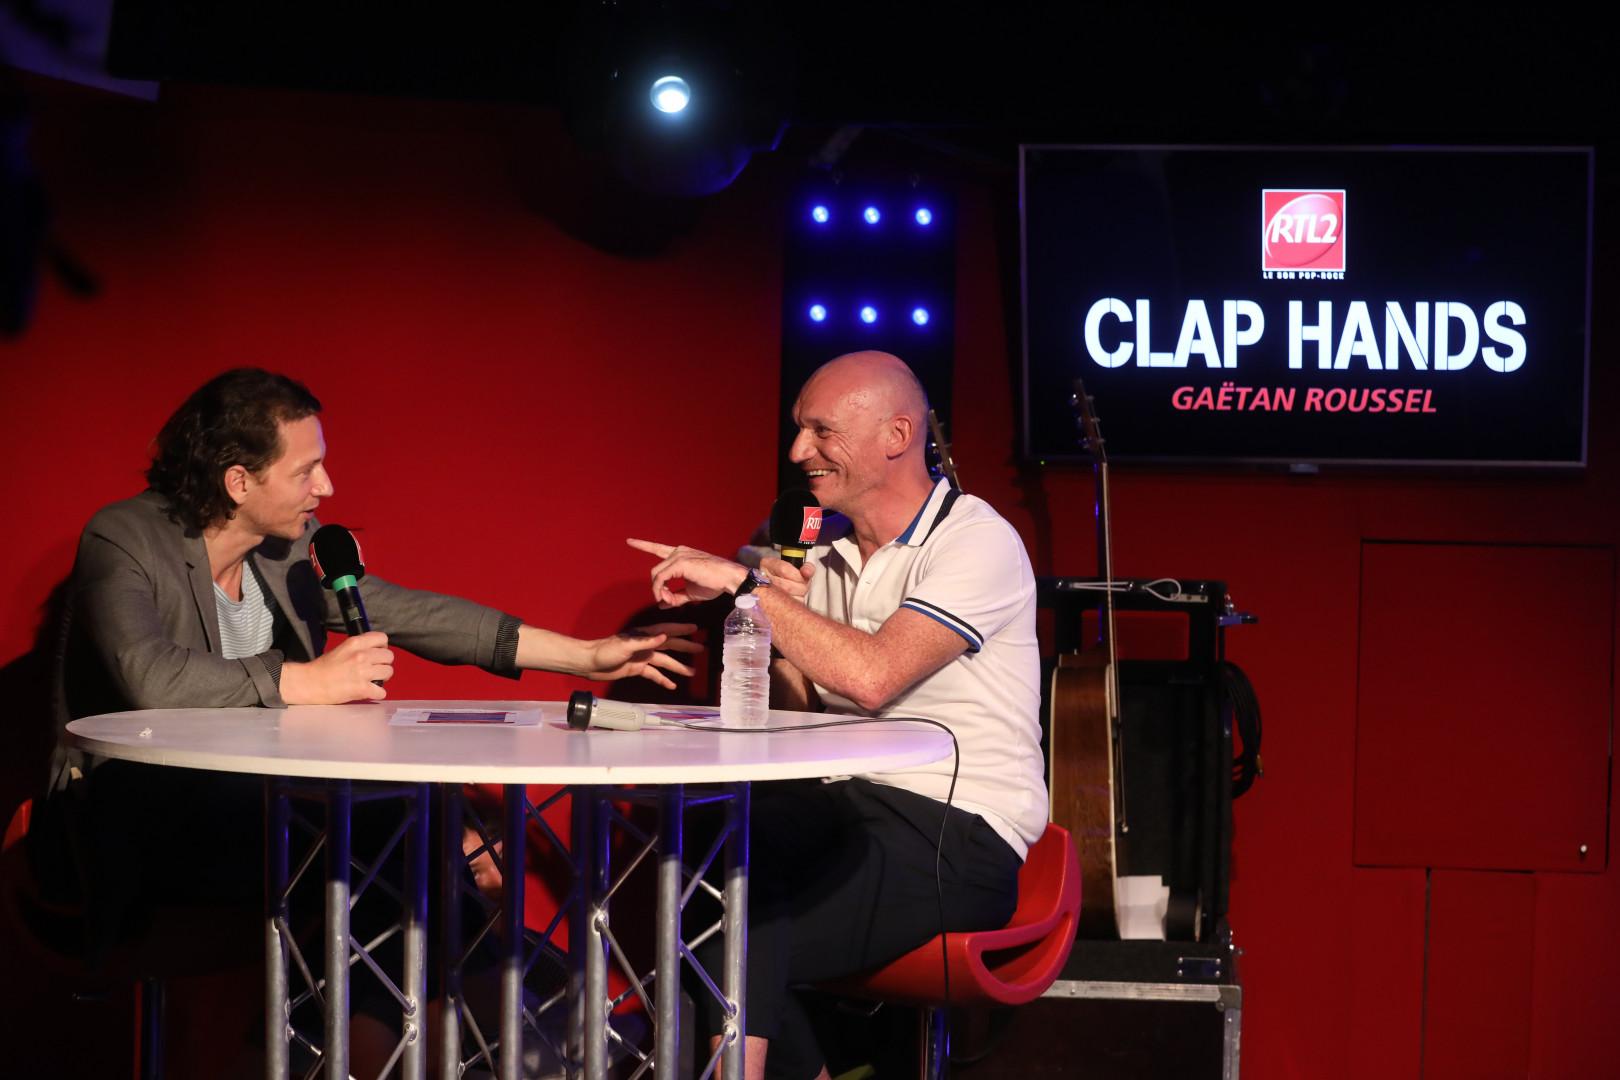 Raphael et Gaëtan Roussel dans Clap Hands